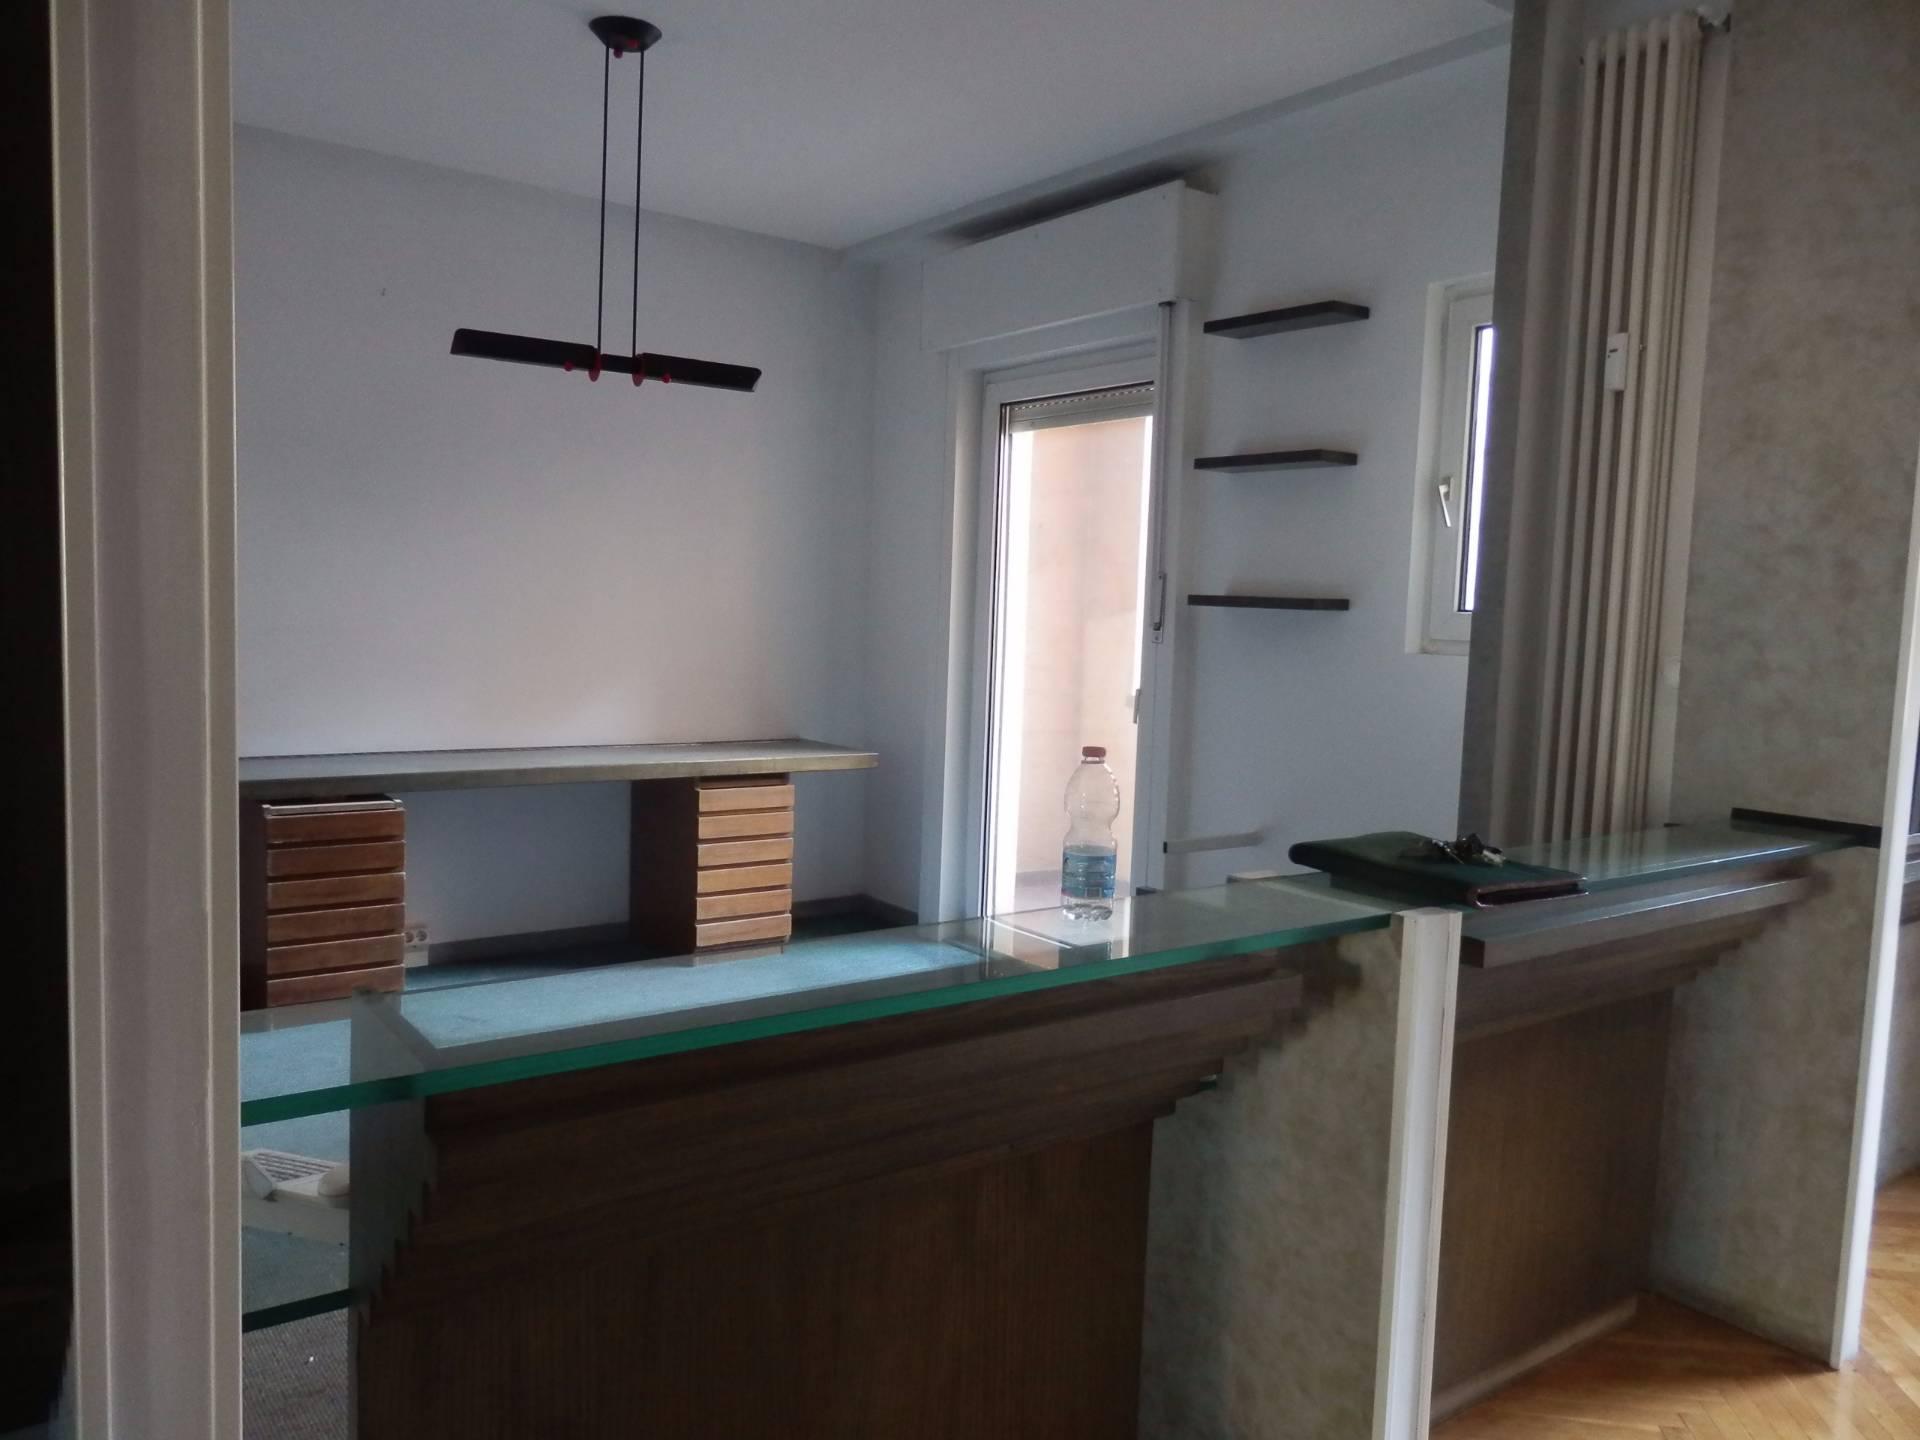 Ufficio / Studio in affitto a Bolzano, 9999 locali, zona Zona: Residenziale, prezzo € 1.300 | Cambio Casa.it